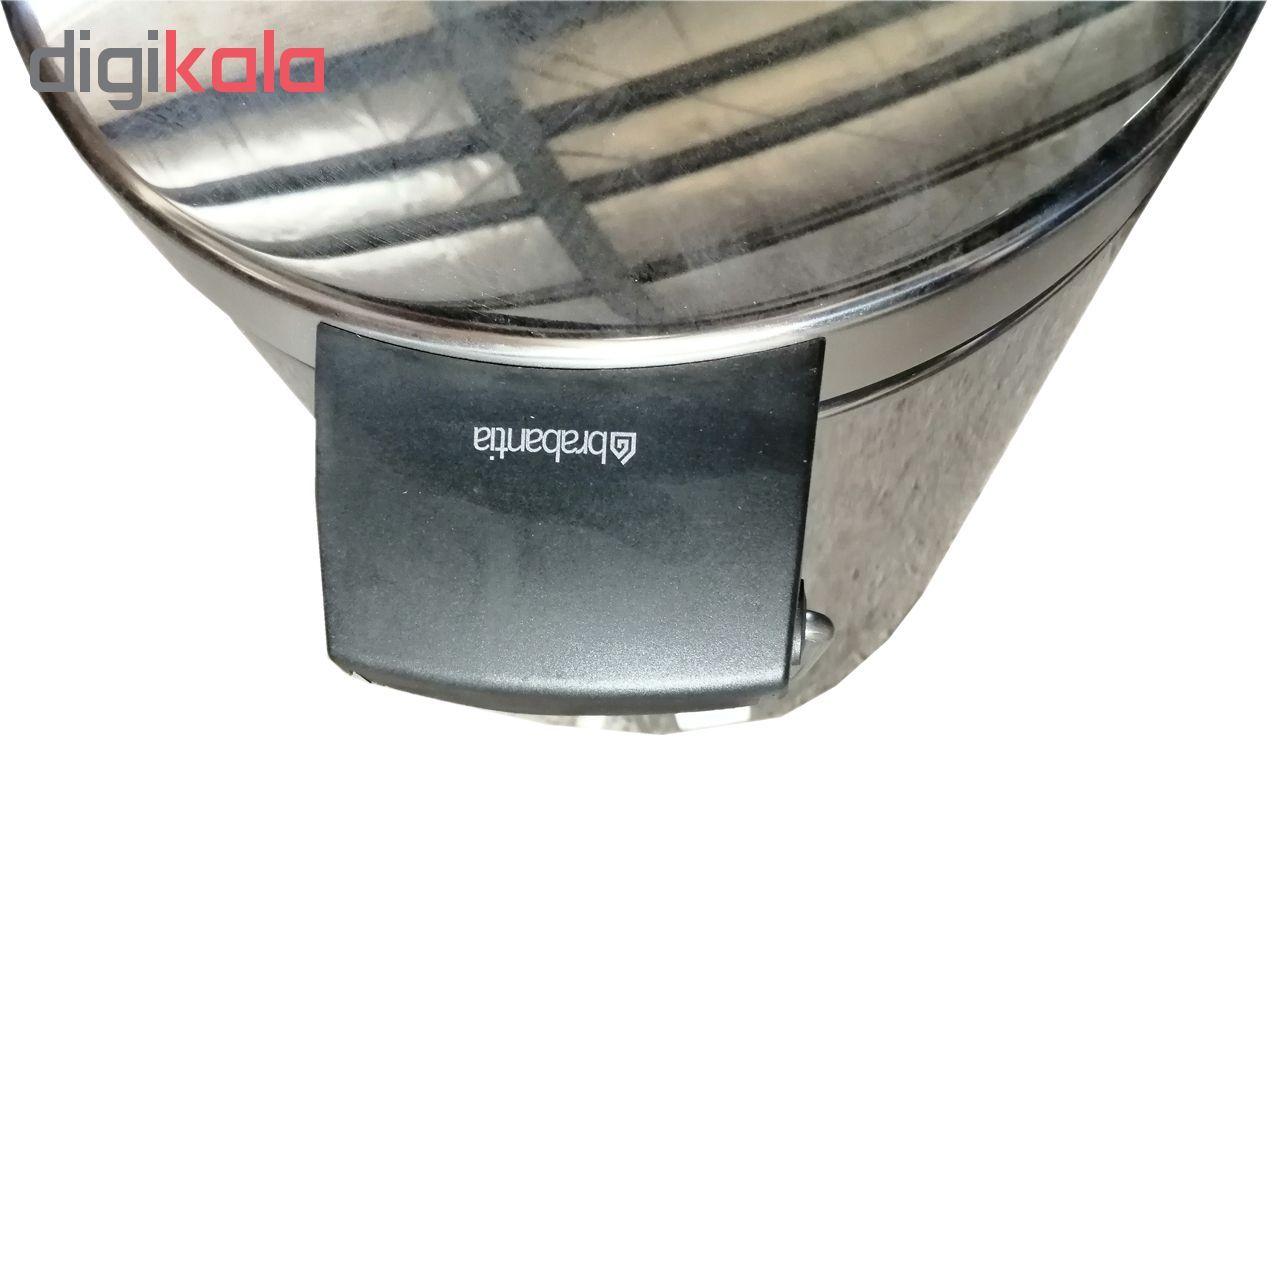 سطل زباله برابانتیا کد 479526 ظرفیت 12 لیتر main 1 4